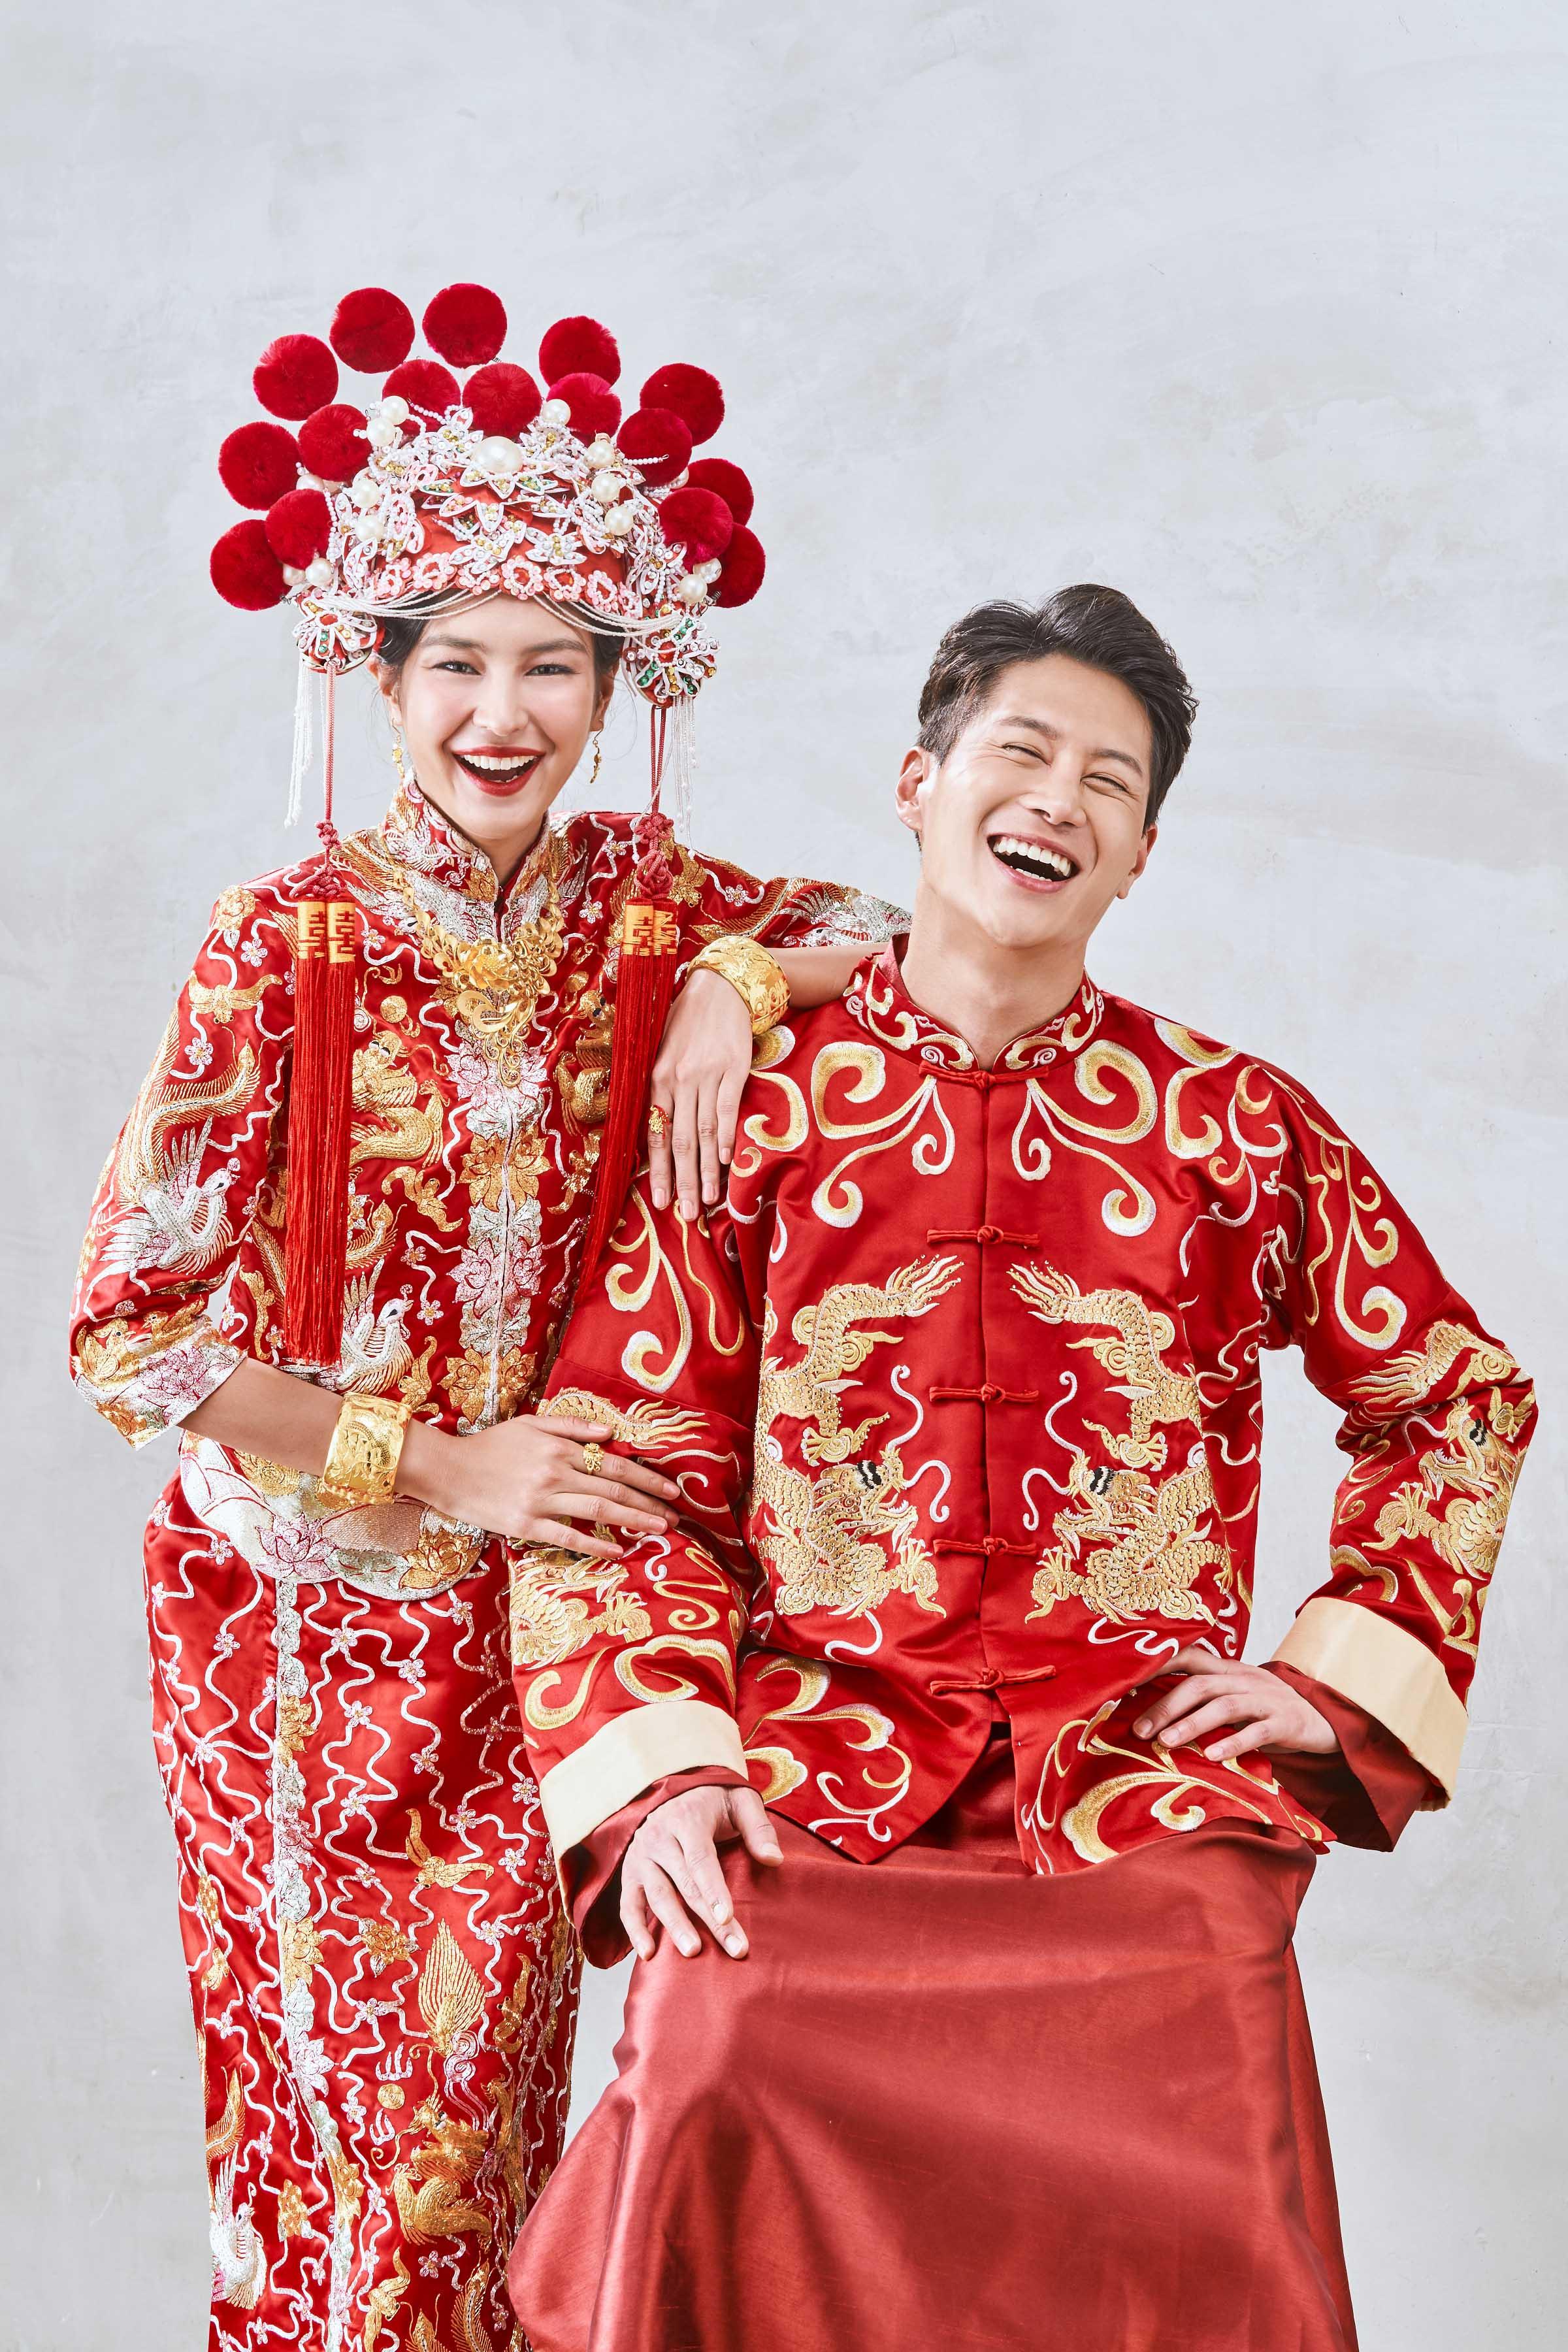 Matching kuas: Mandarin duck Qun Kua & Groom's Kua by CCM Wedding